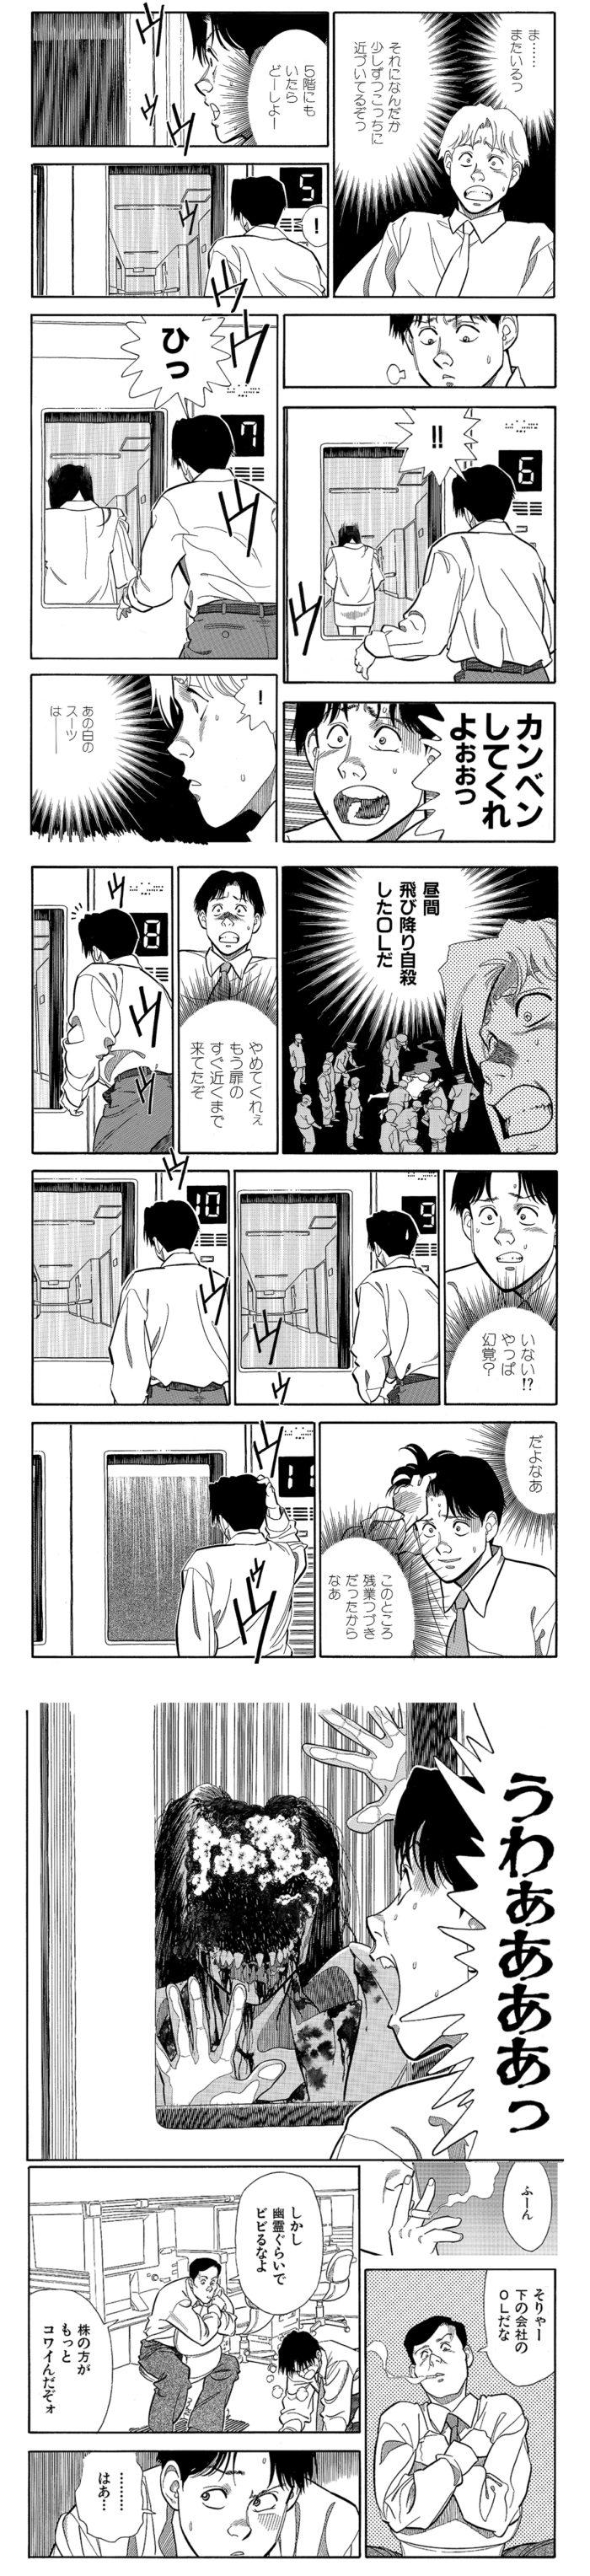 elevator02-02